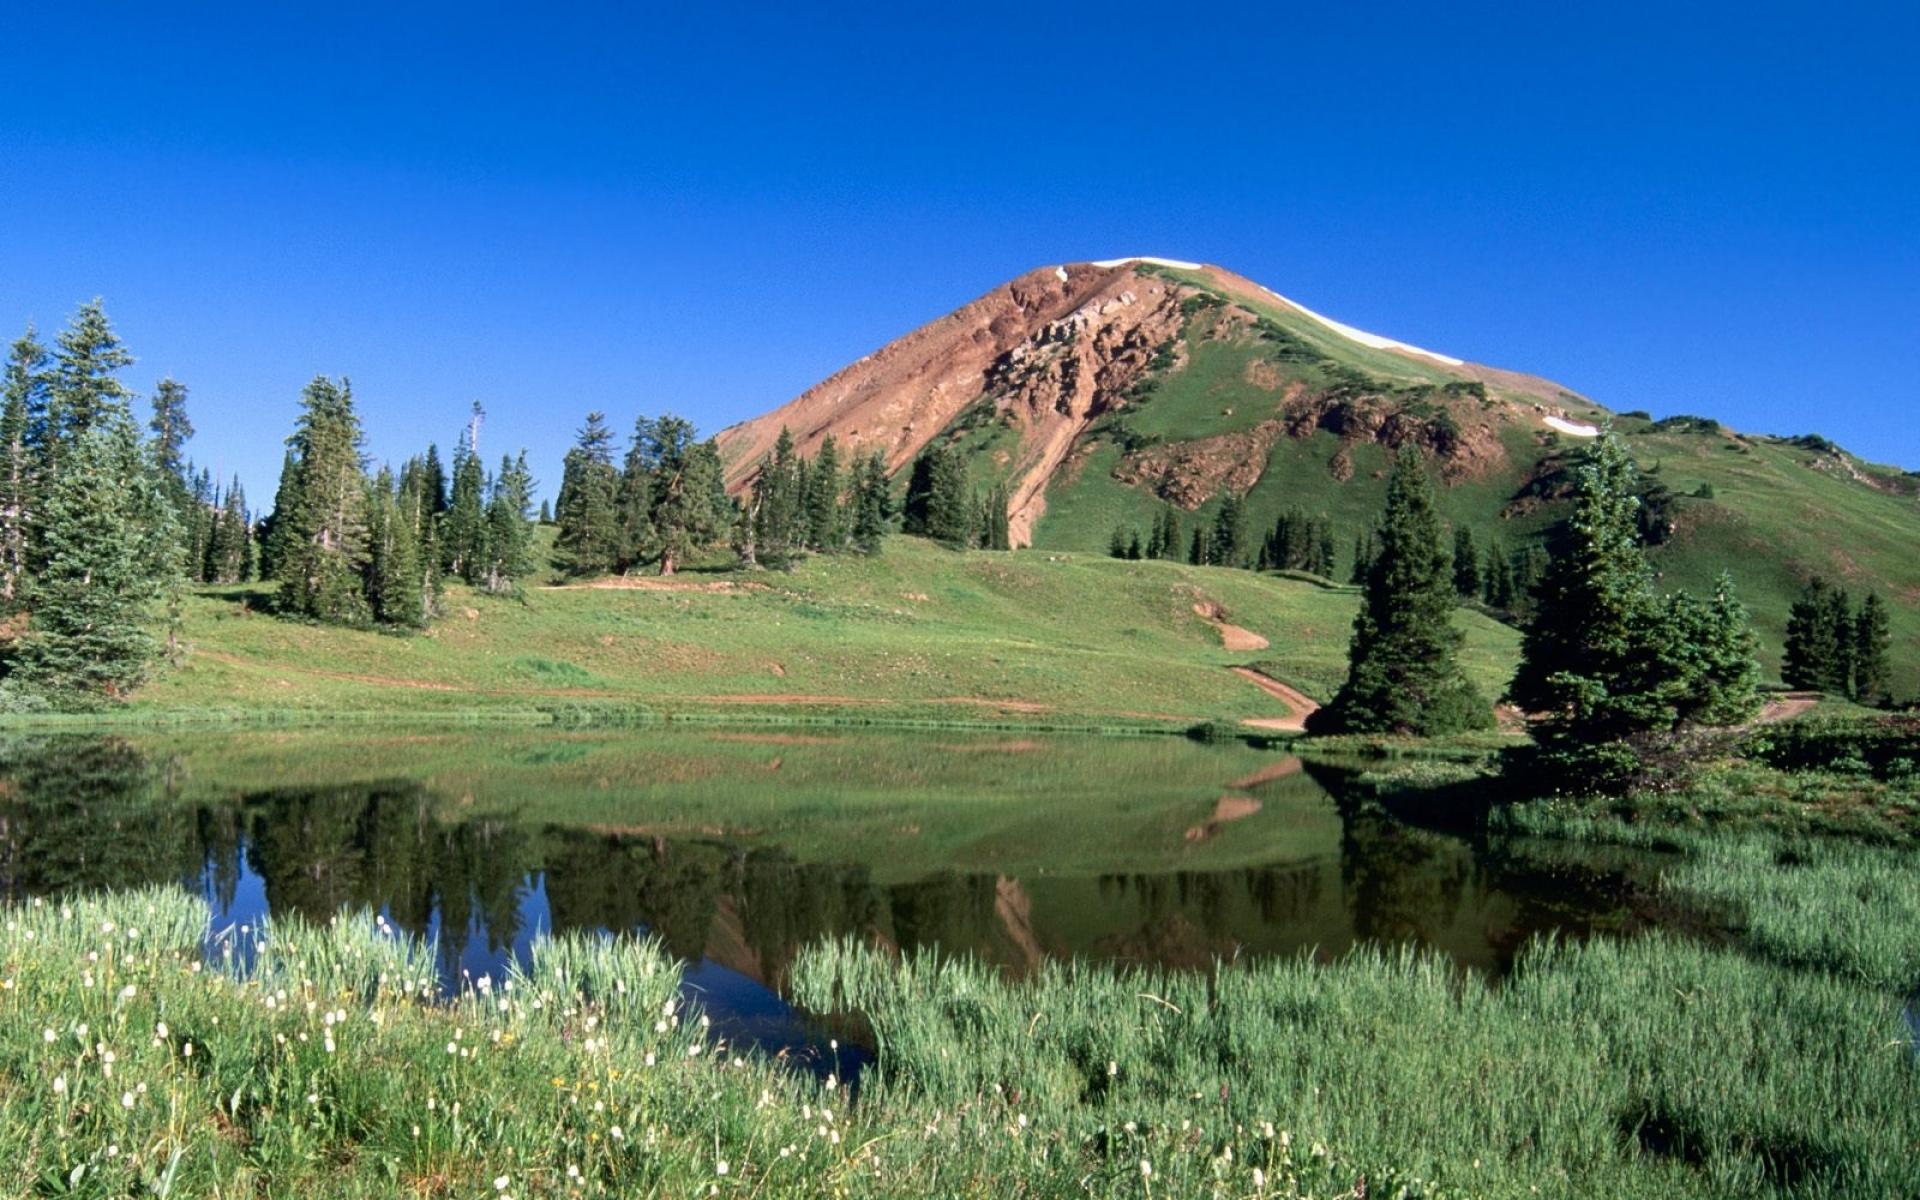 Картинки Озеро, горы, альпы, зелень, трава, колорадо, деревья фото и обои на рабочий стол